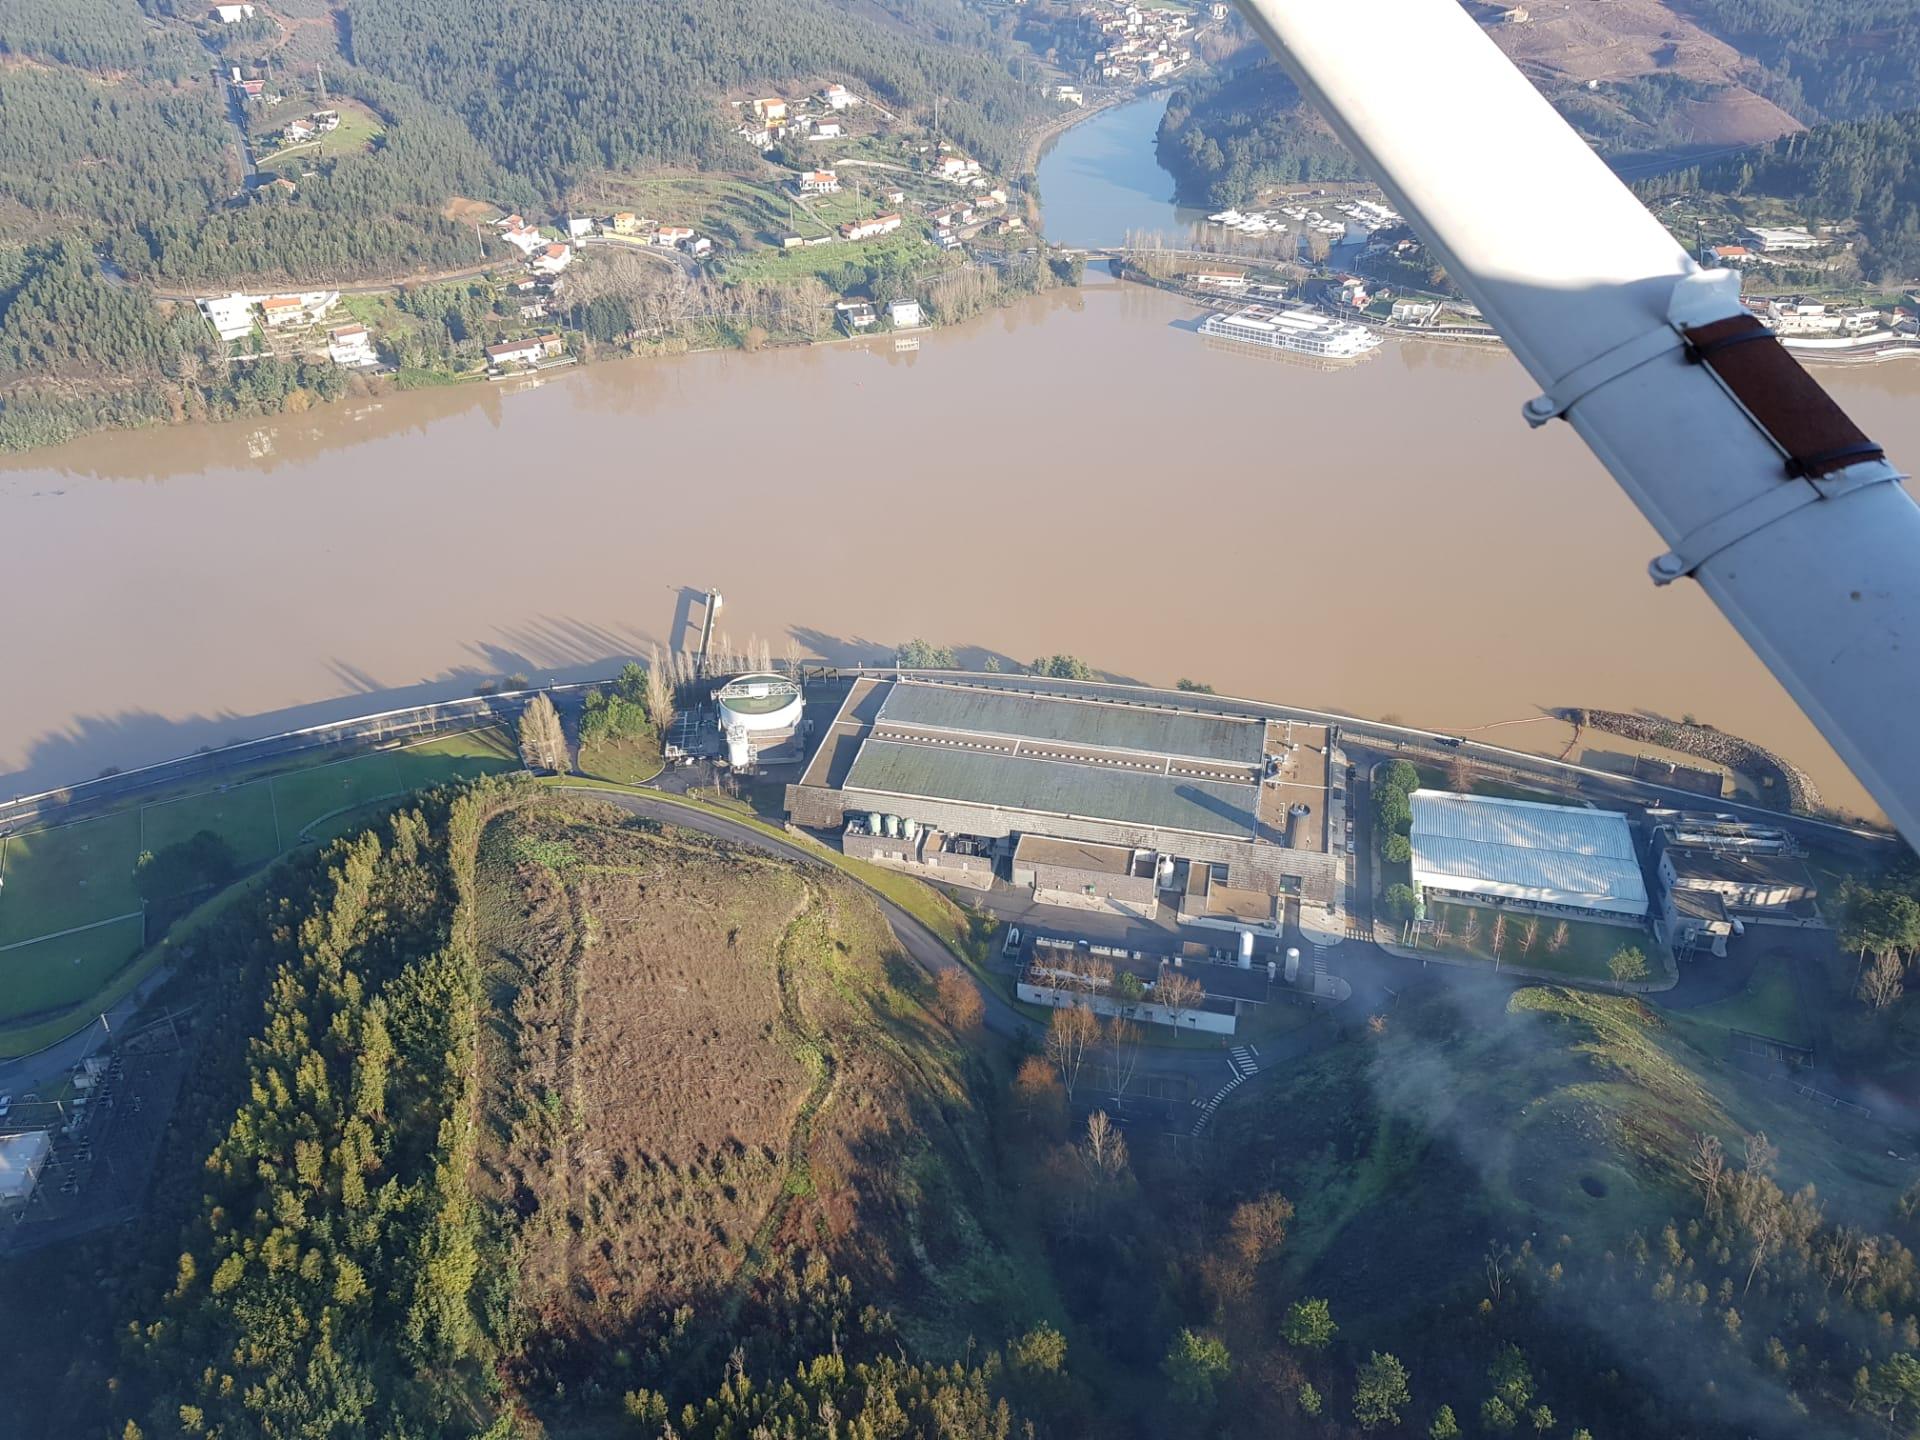 LM-Arquivo-Douro-Paiva-Foto-Aerea-ETA-Lever-086